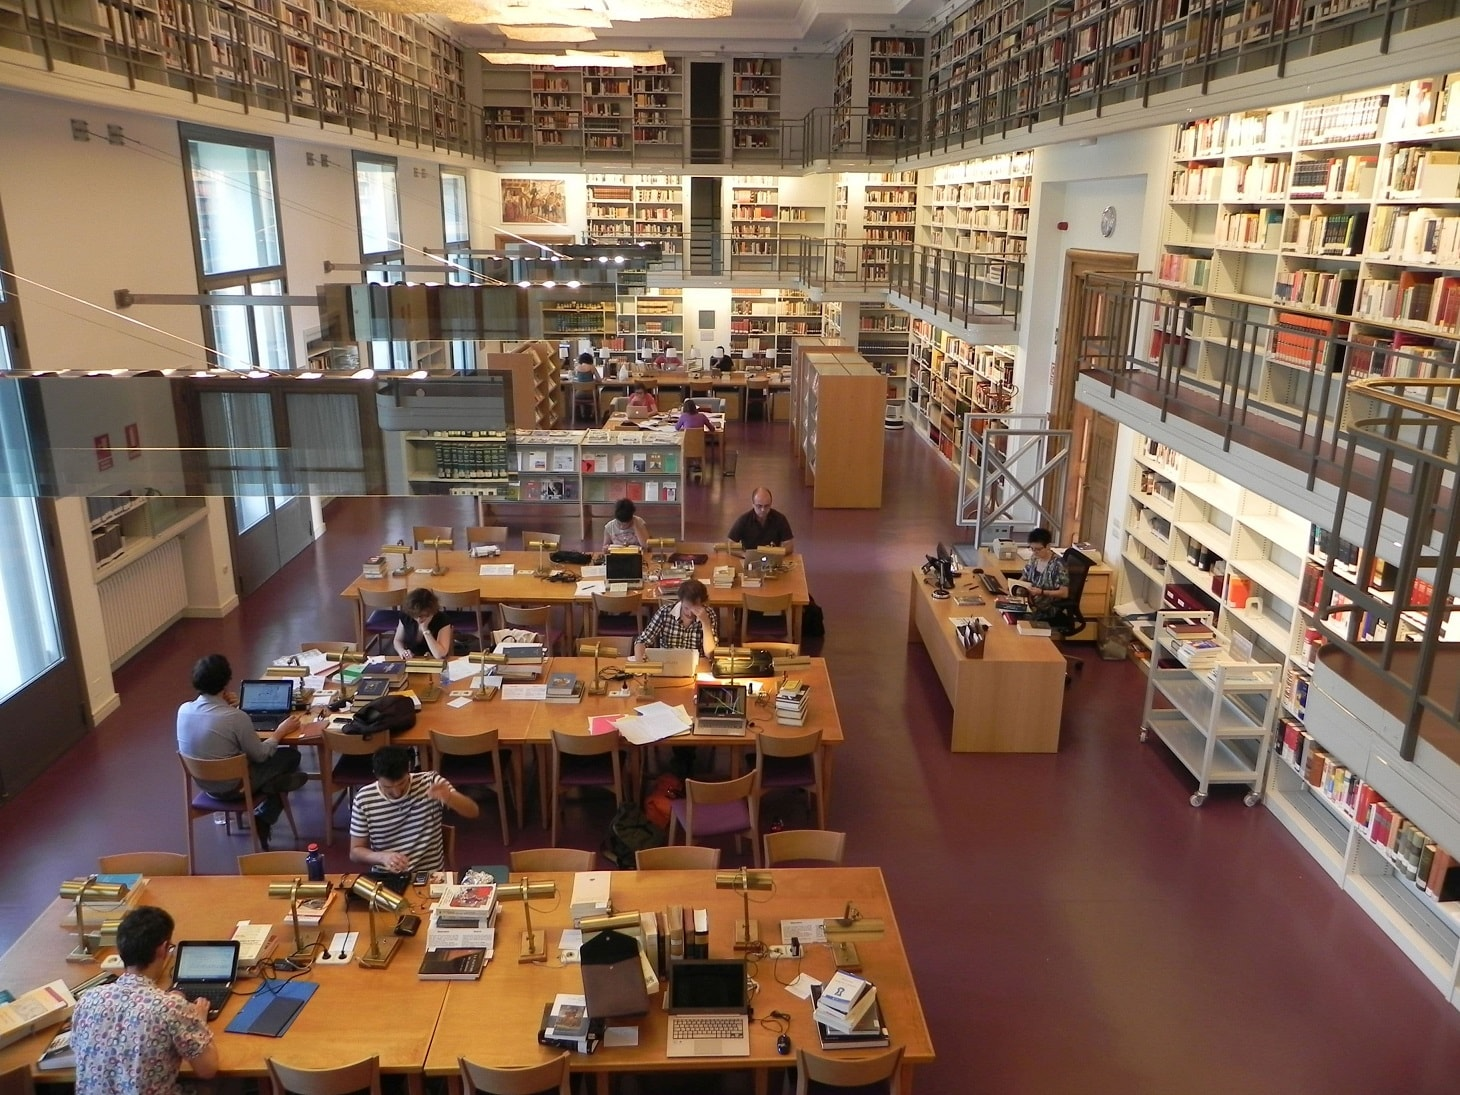 Bibliotheque Casa de Velázquez